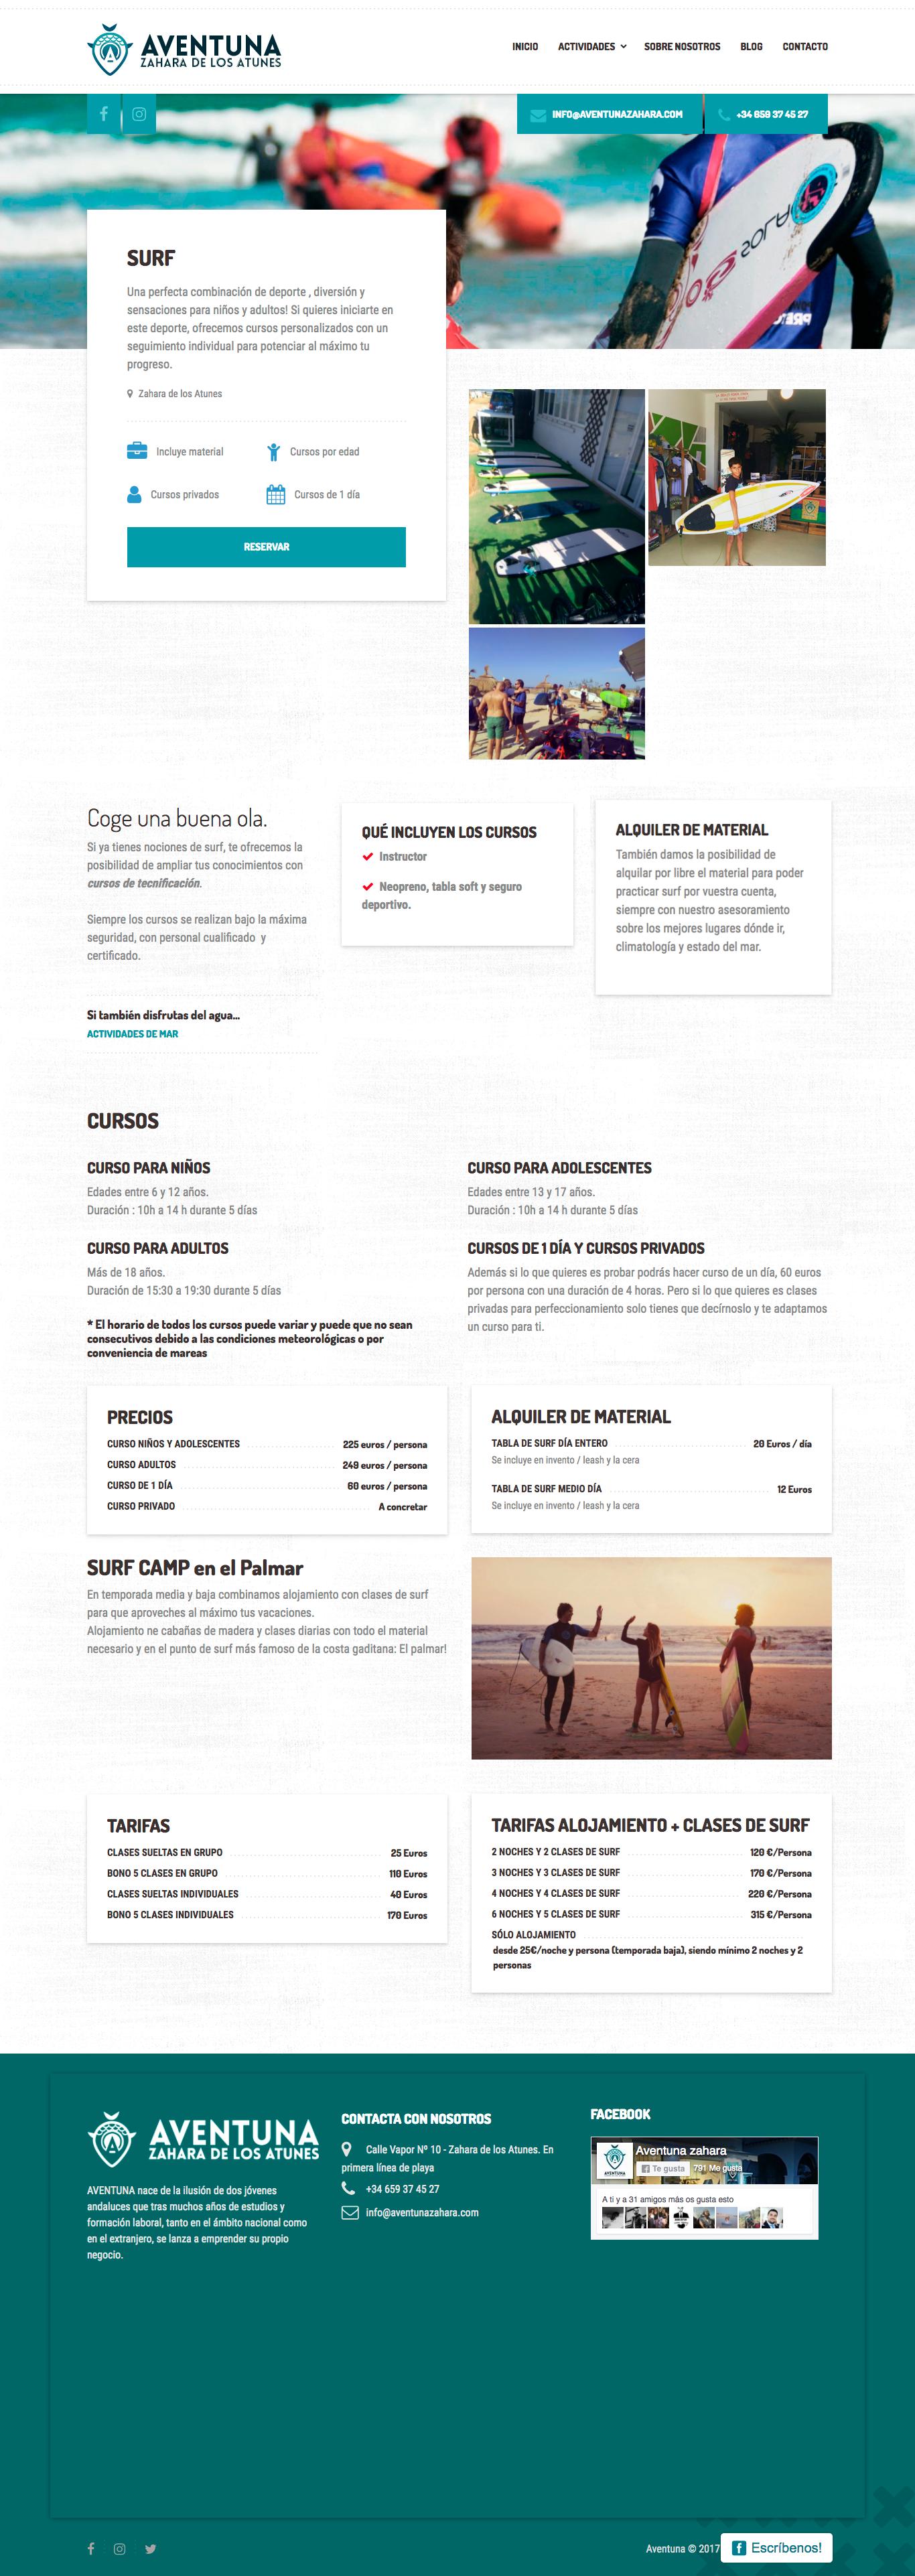 agencia de publicidad en sevilla, estudio de diseño web, diseño web sevilla